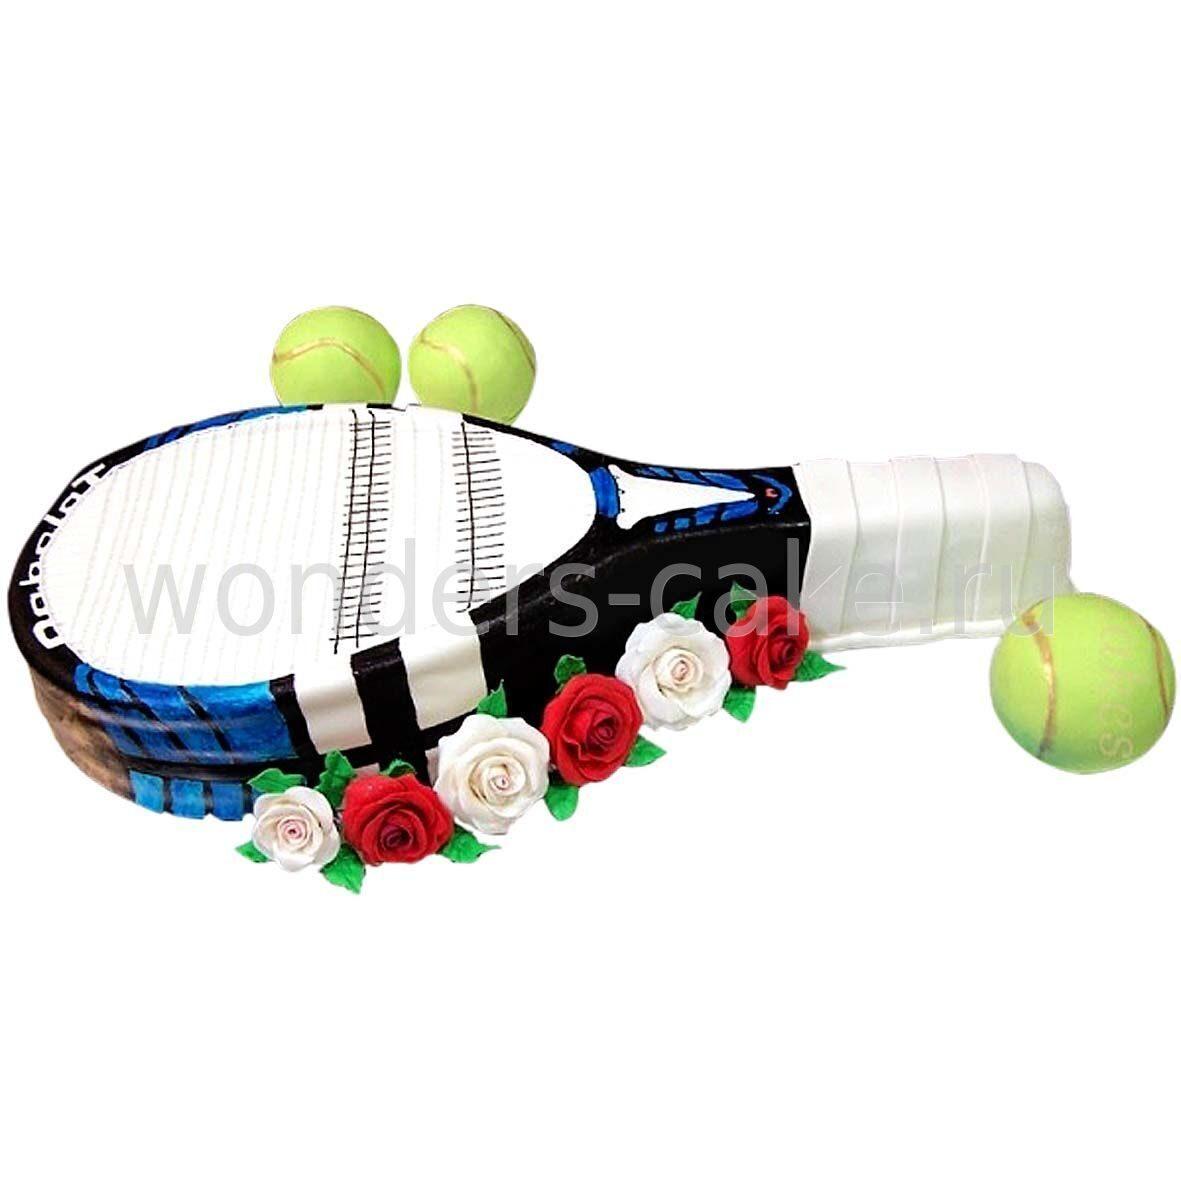 Поздравления с днем рождения теннисисту 48